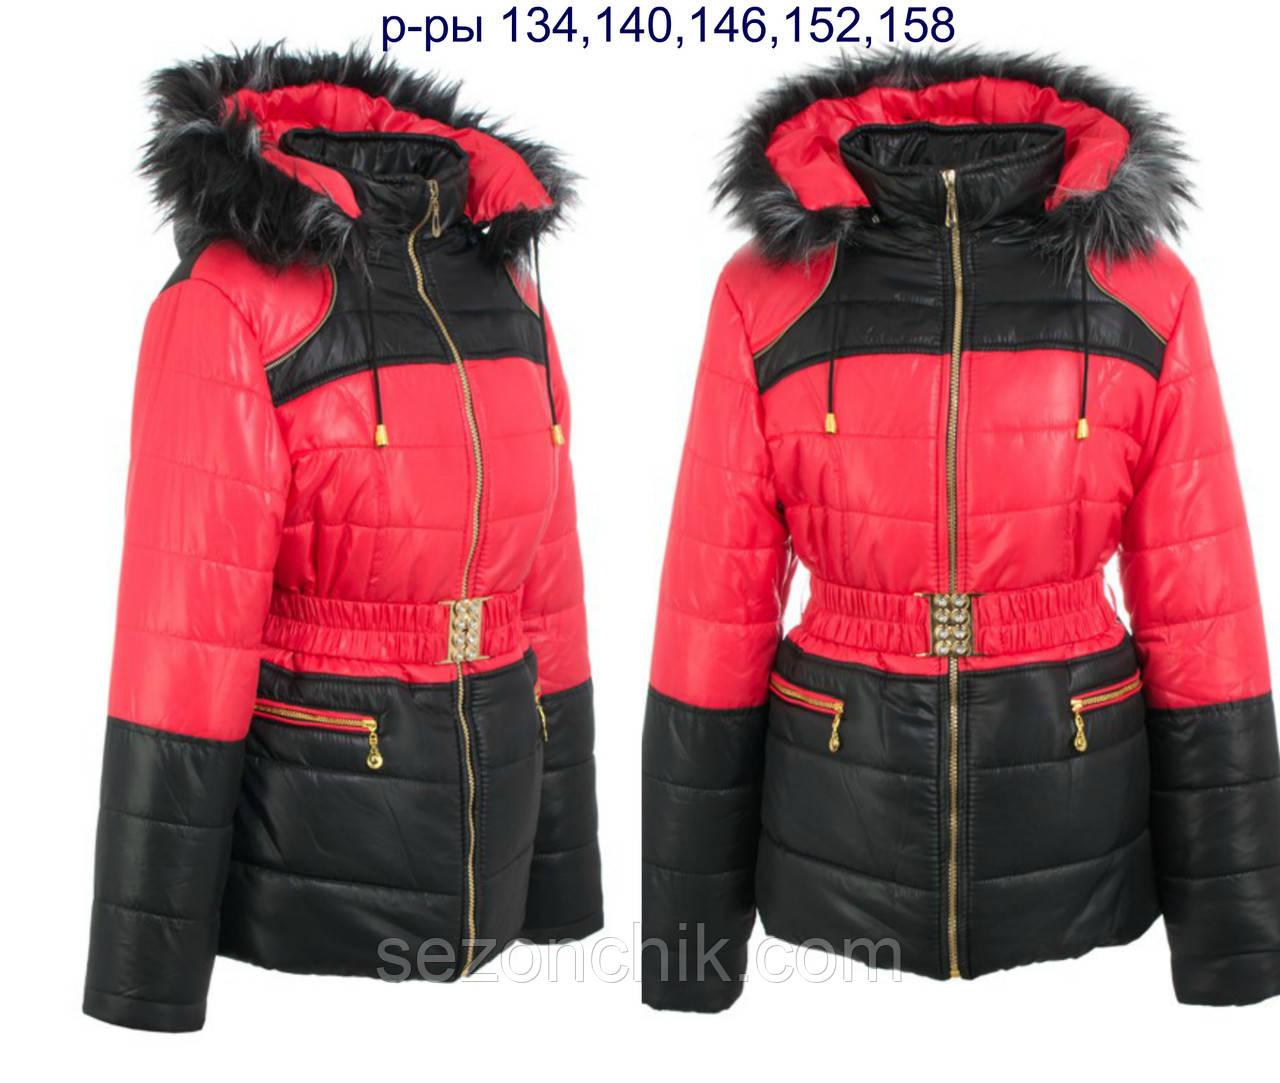 Дитячі зимові куртки на підстібці яскравого кольору